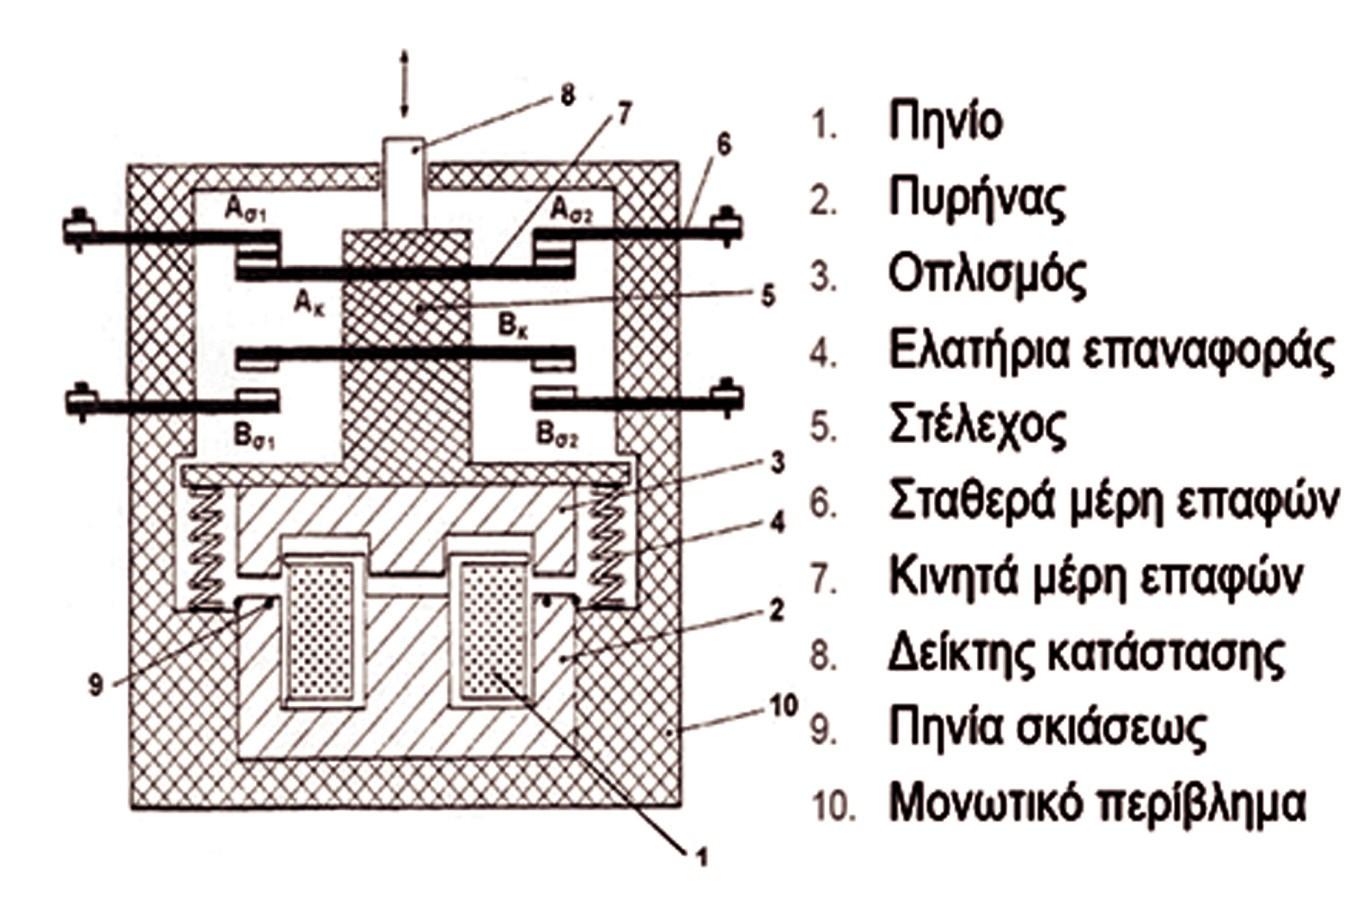 Σχήμα 7.2: Δομή ρελέ με ηλεκτρομαγνήτη